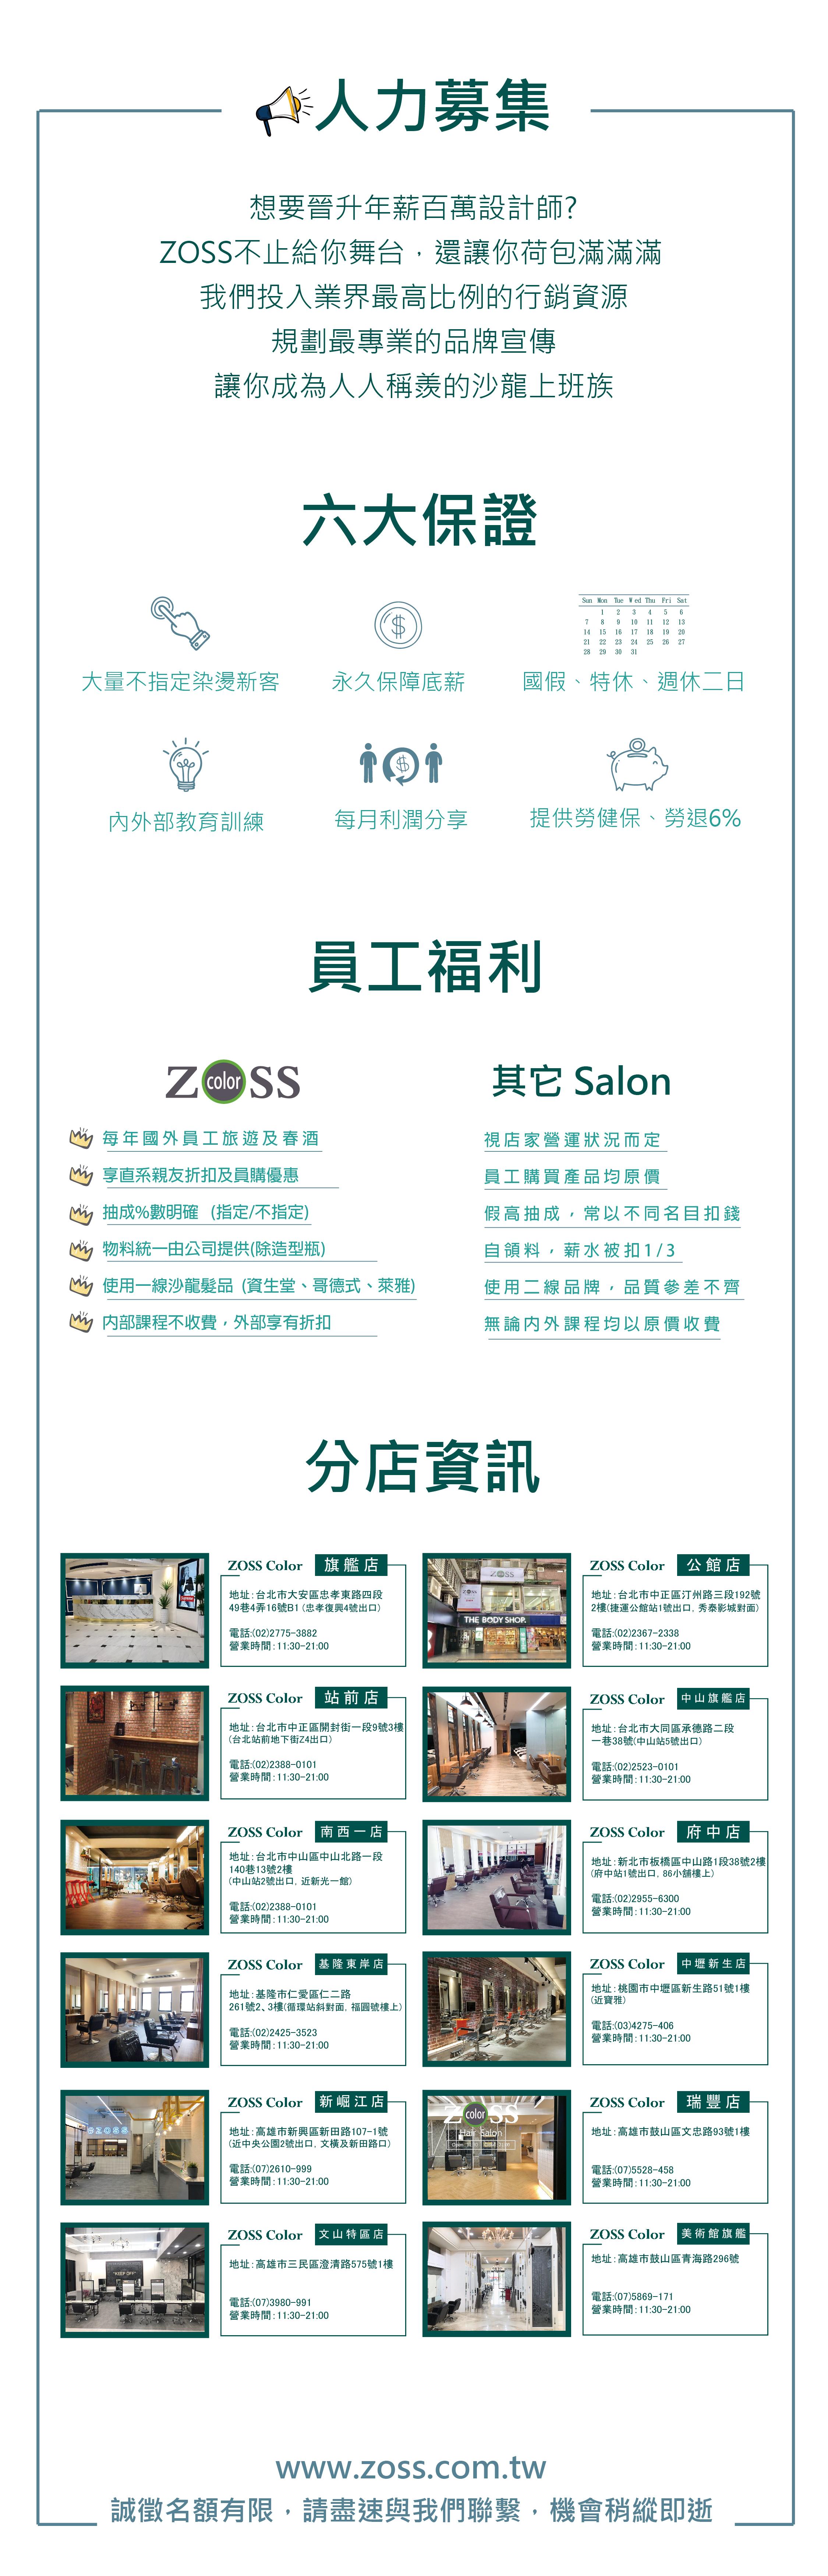 官網-人力募集-01 (4)